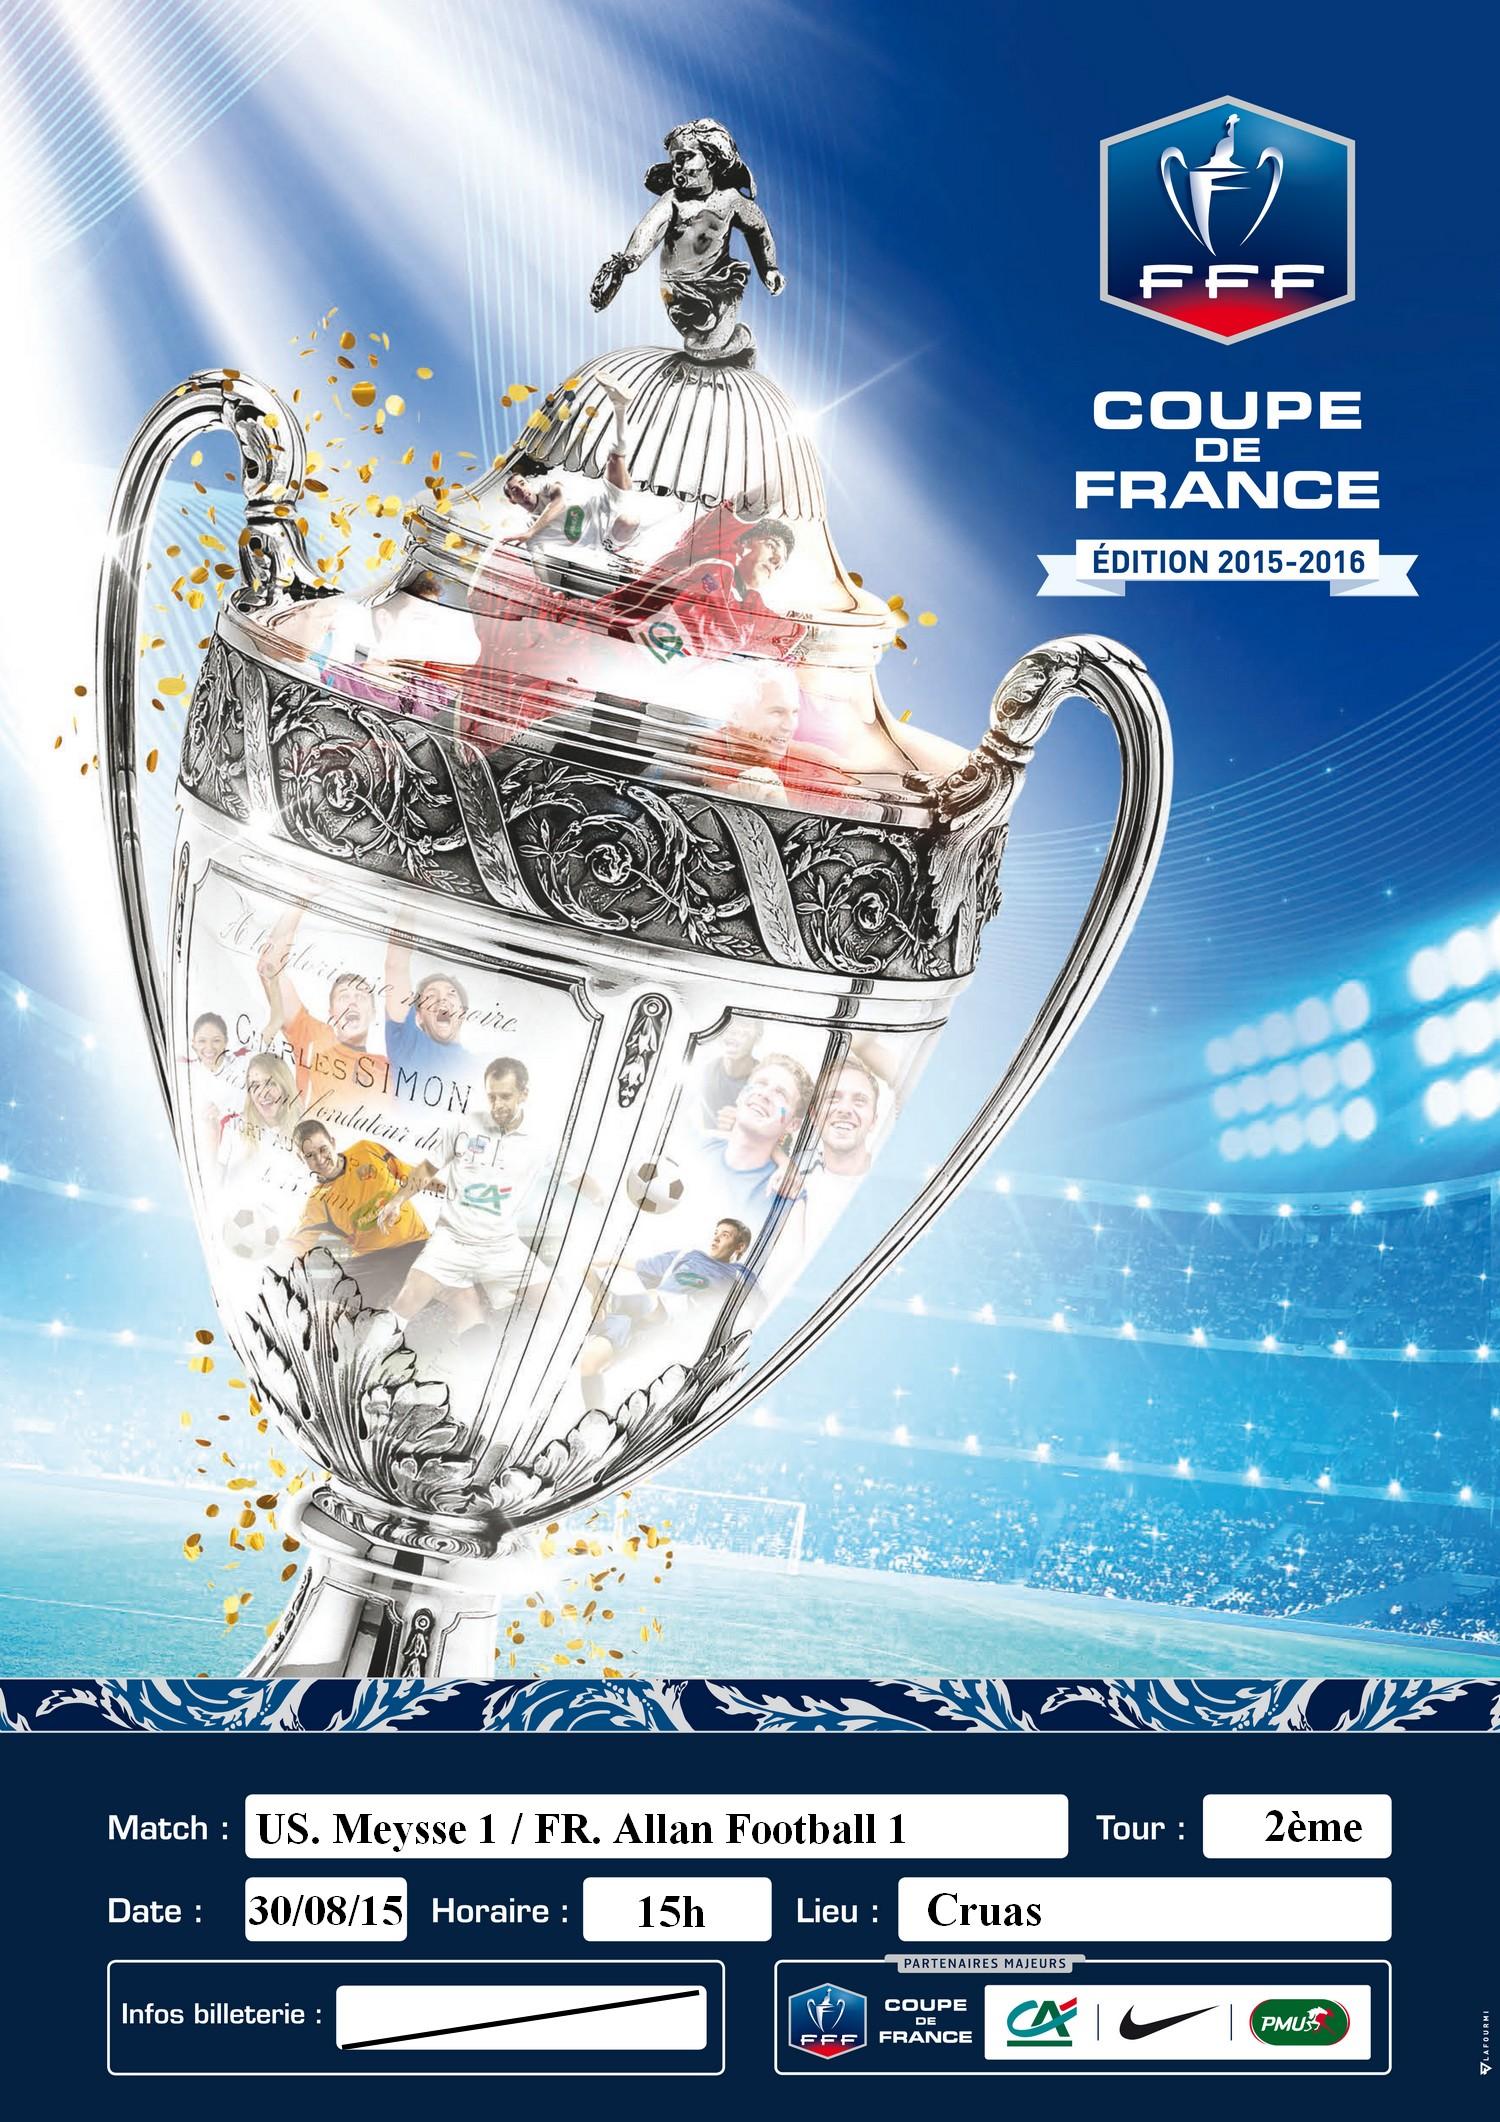 Agenda 2 me tour de la coupe de france club football - Resultats coupe de france football 2015 ...